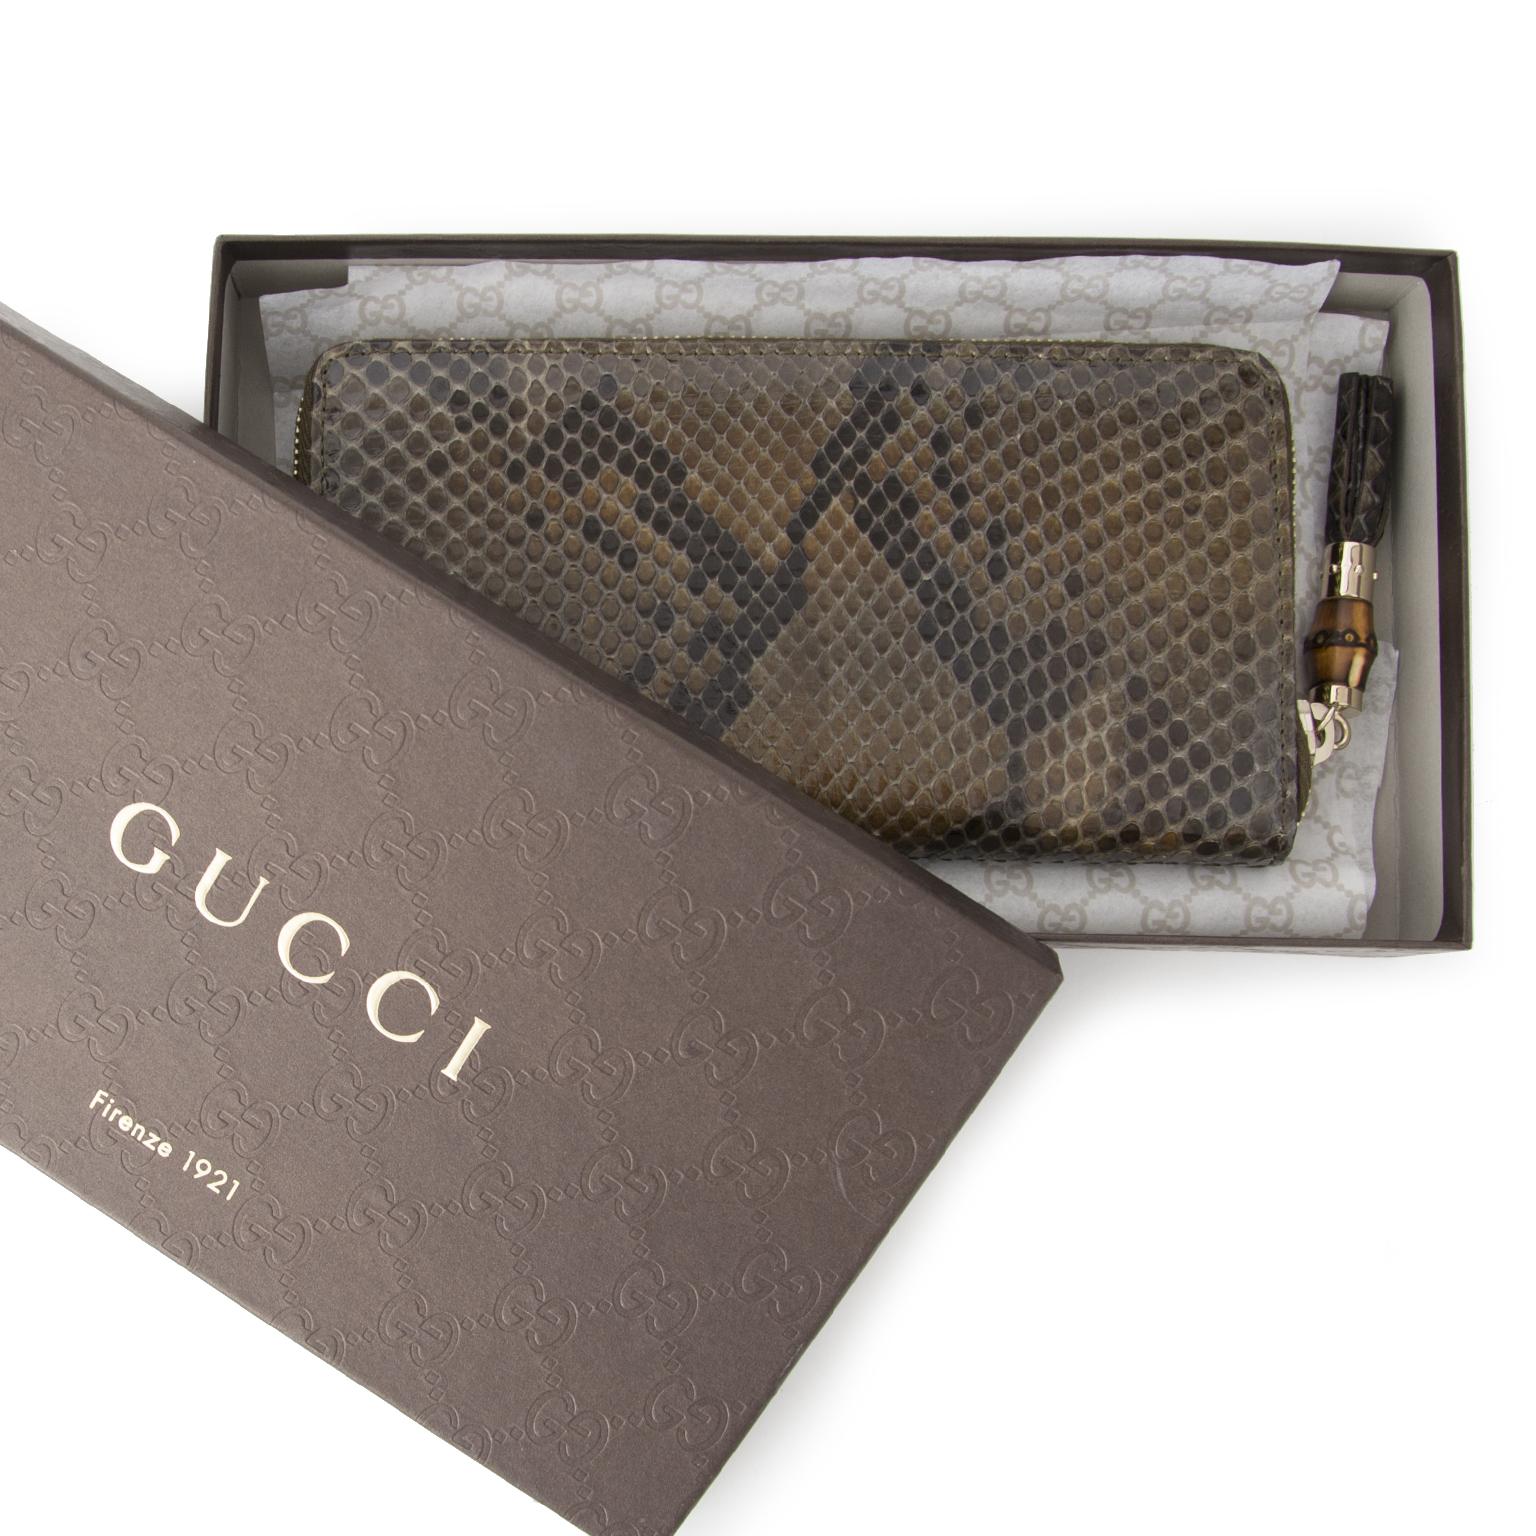 6e10ac92c4e Veilig online winkelen Acheter Gucci portefeuille serpent en ligne au  LabelLOV. De façon sécurisée. Vintage